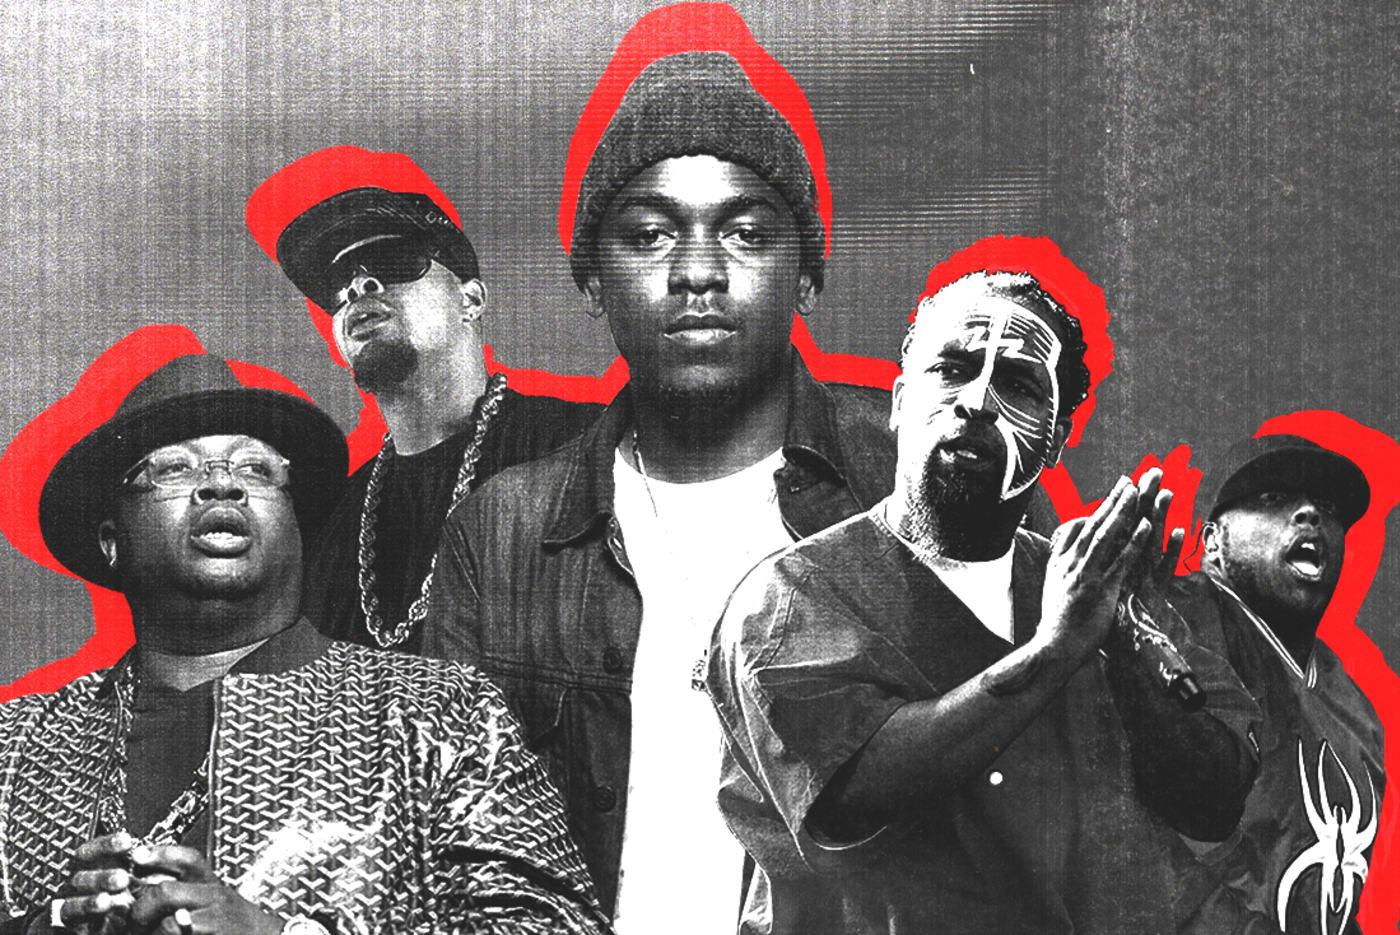 kendrick lamar strange music era